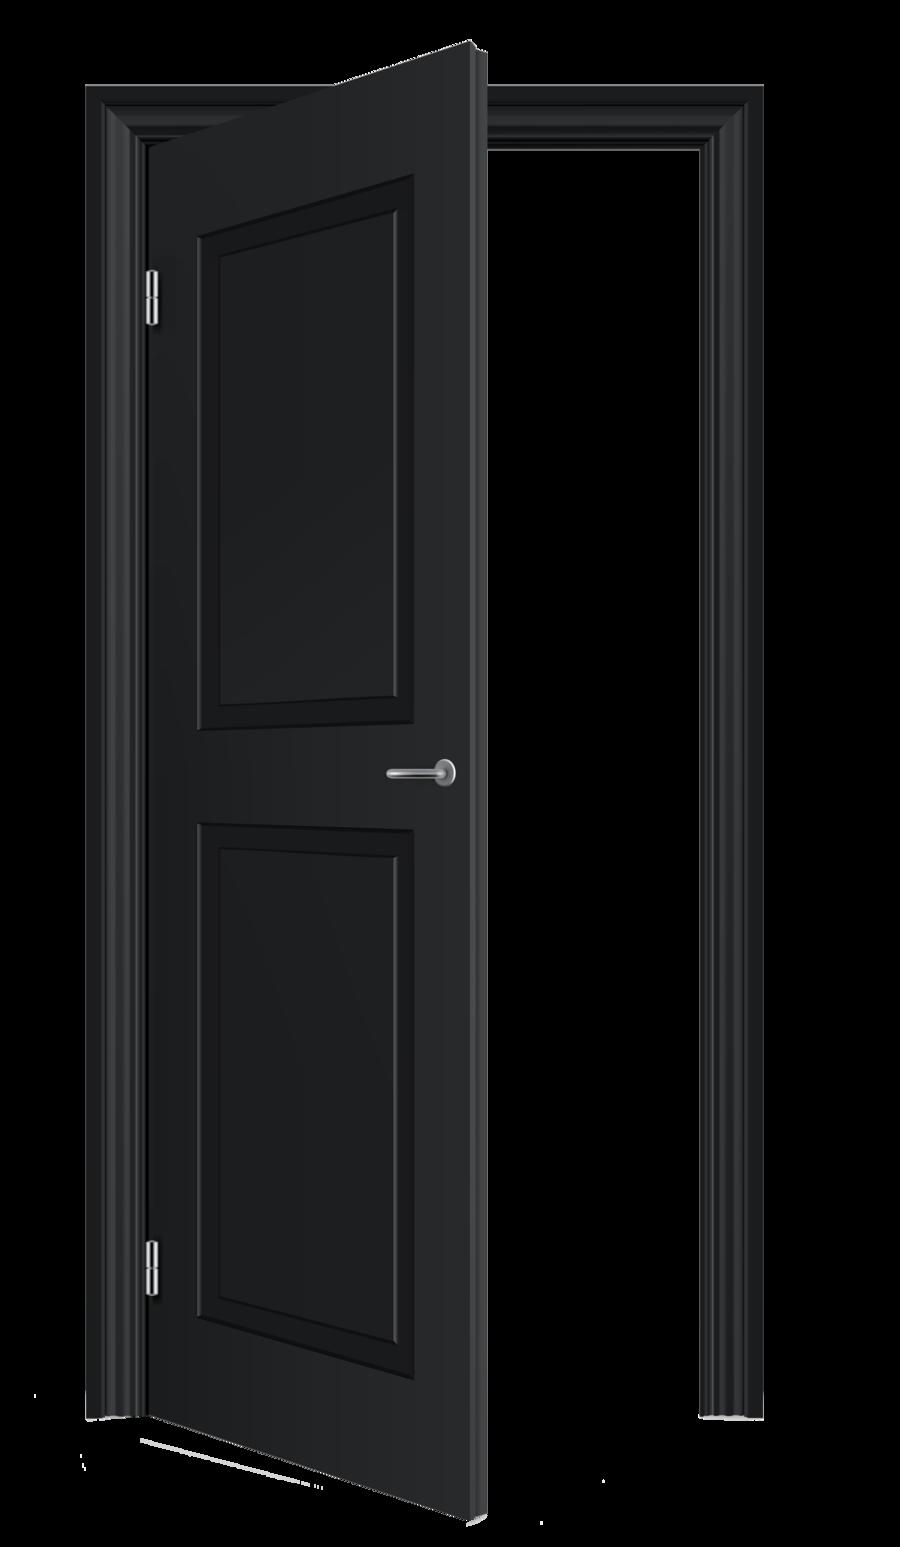 Clipart door opening door.  collection of open